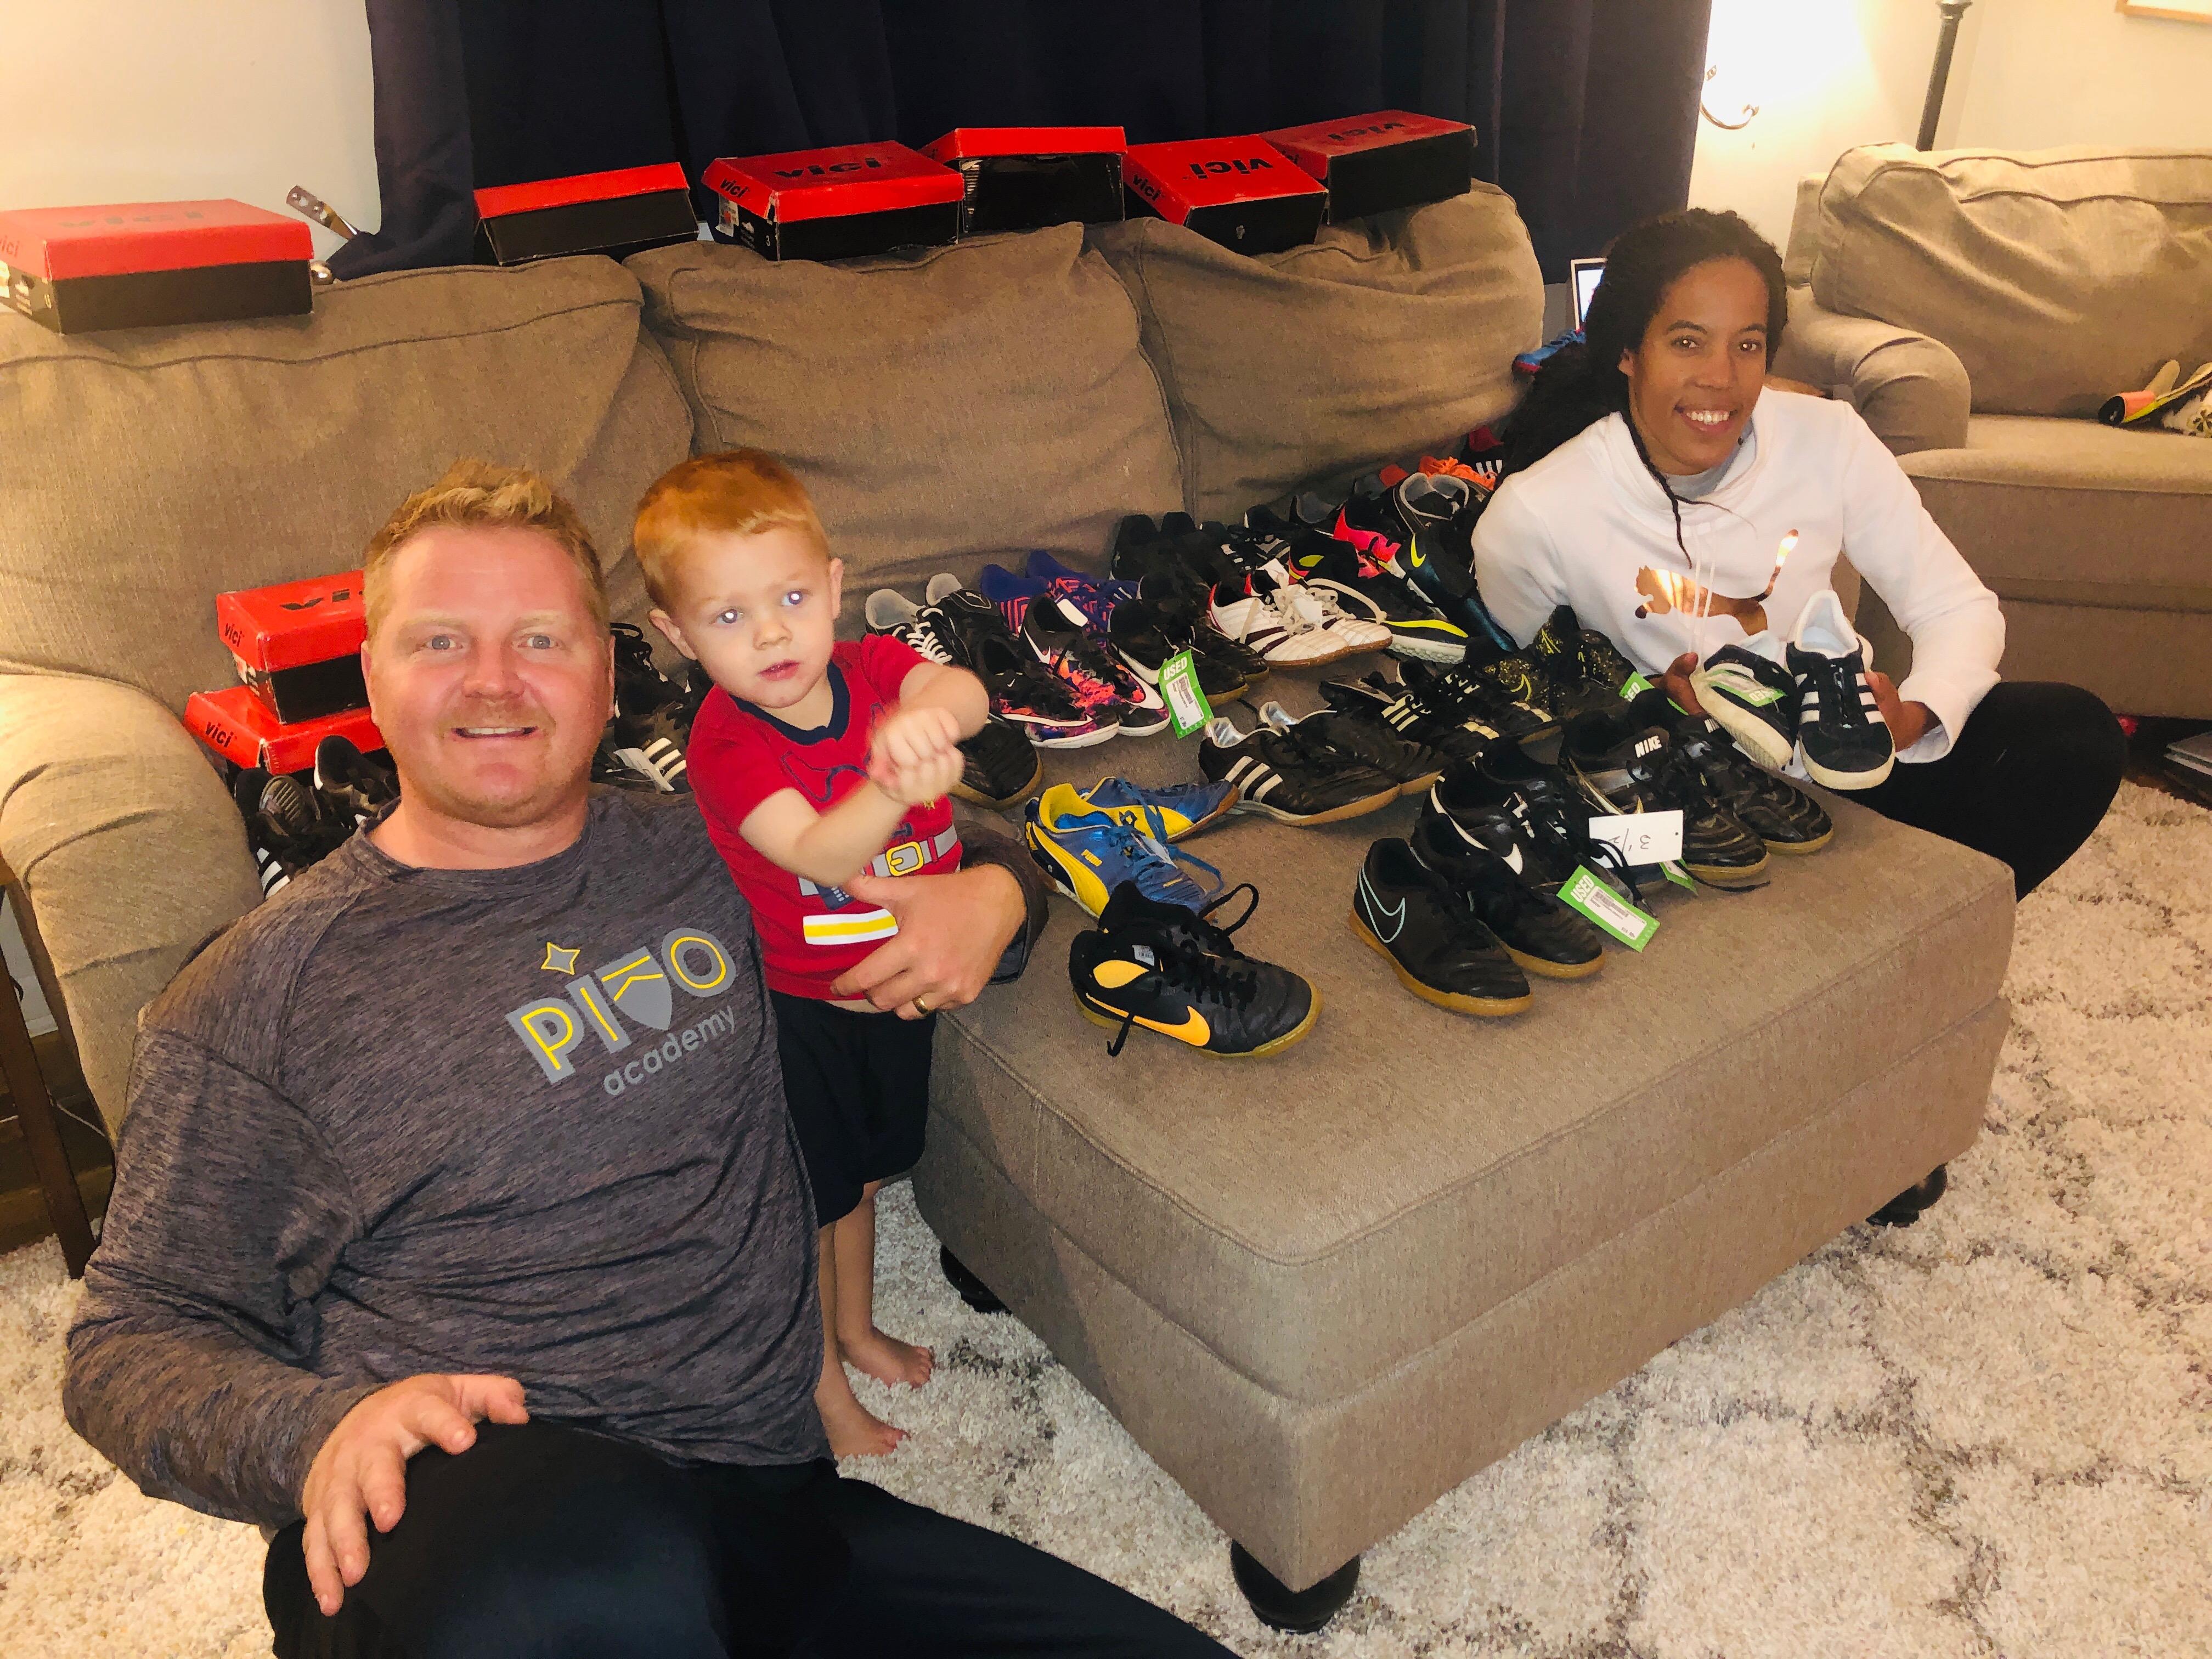 New inner-city soccer program receives massive shoe donation